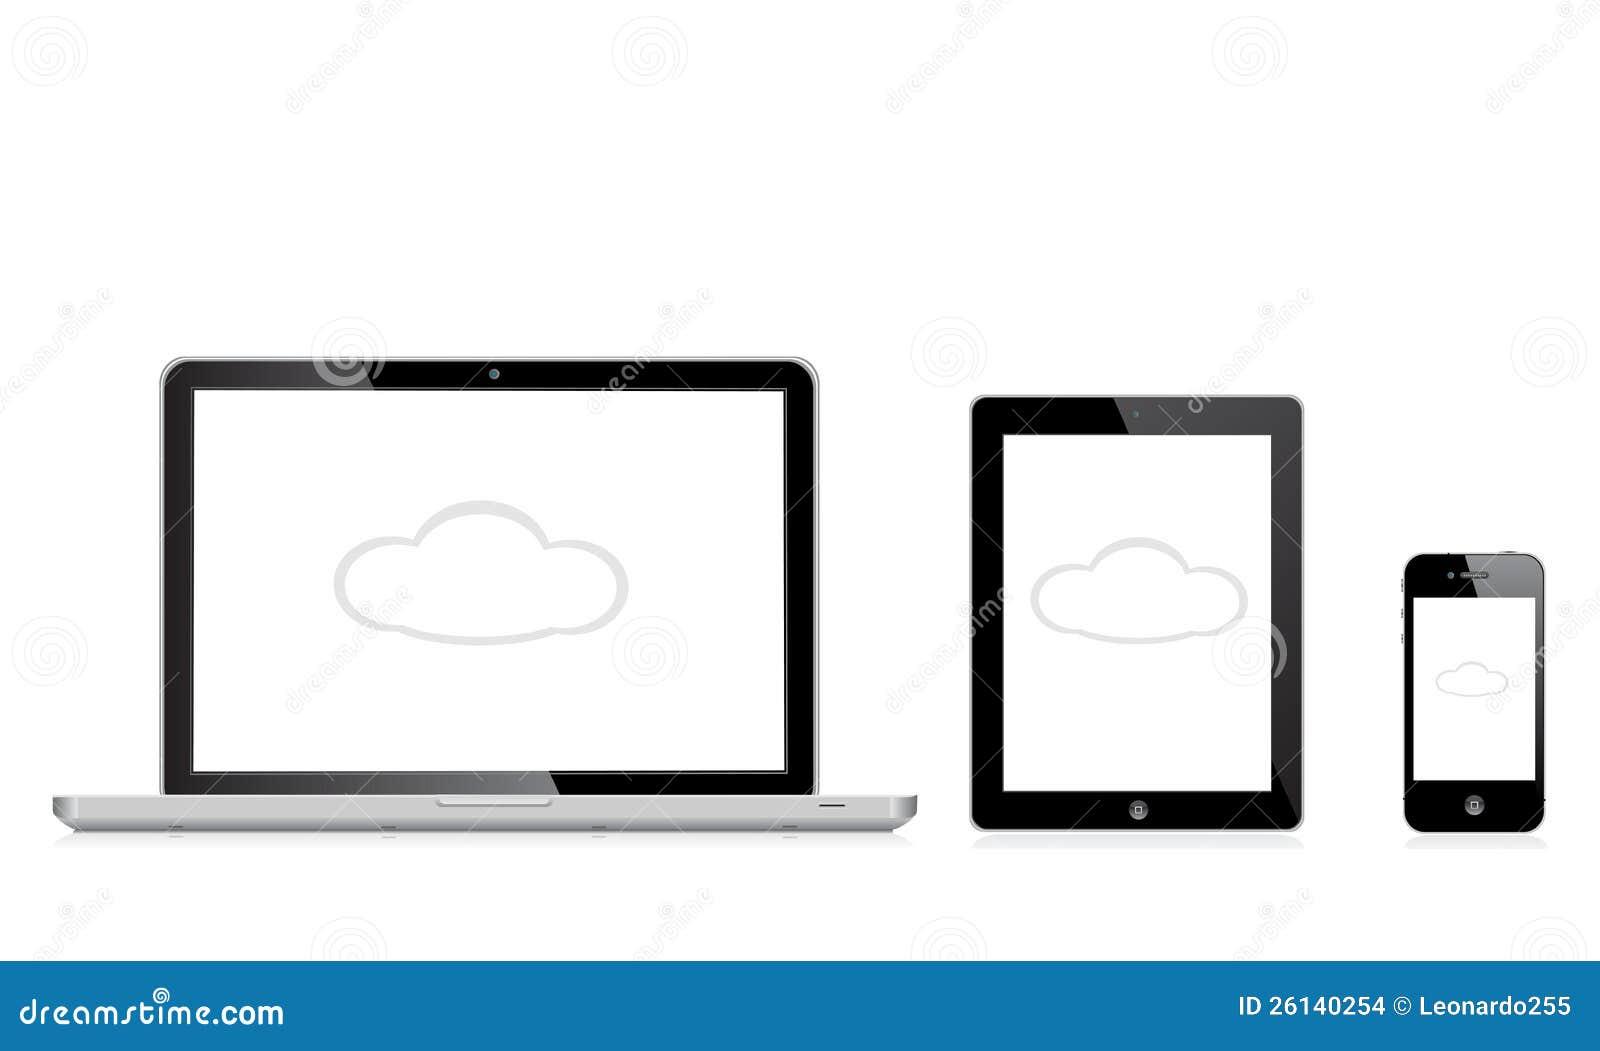 apple ipad clip art - photo #42